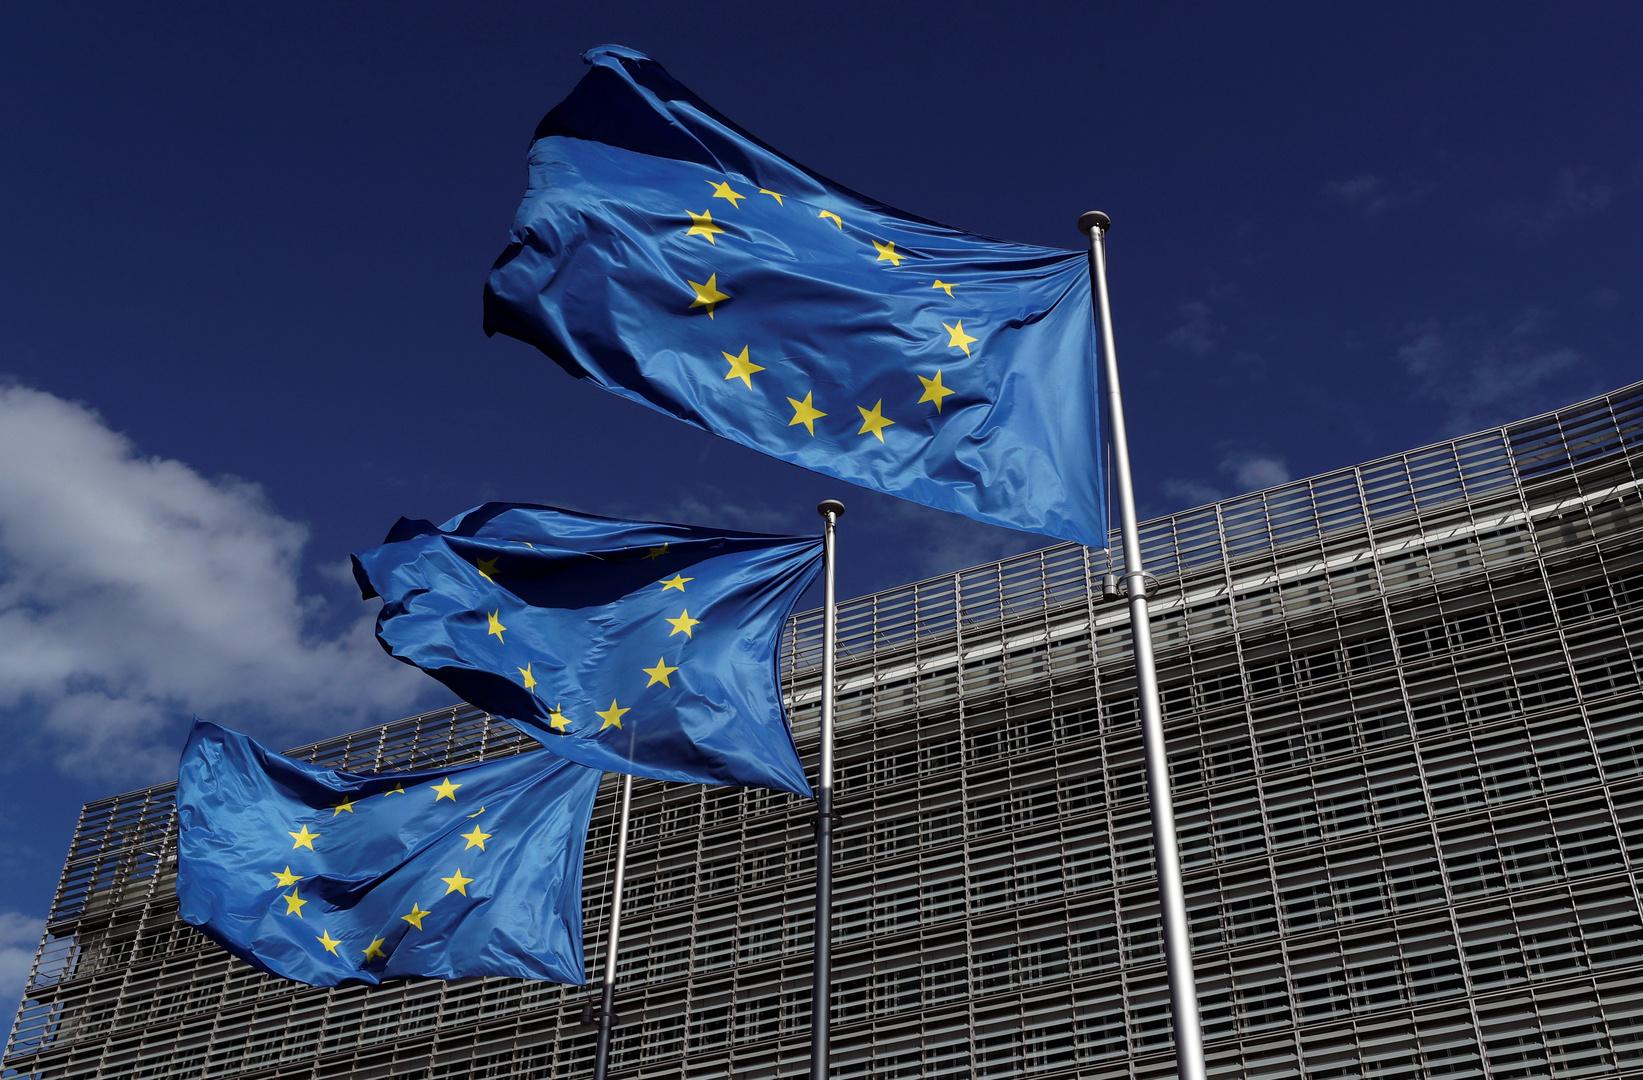 انخفاض متوسط الأعمار في الاتحاد الأوروبي وسط جائحة كورونا